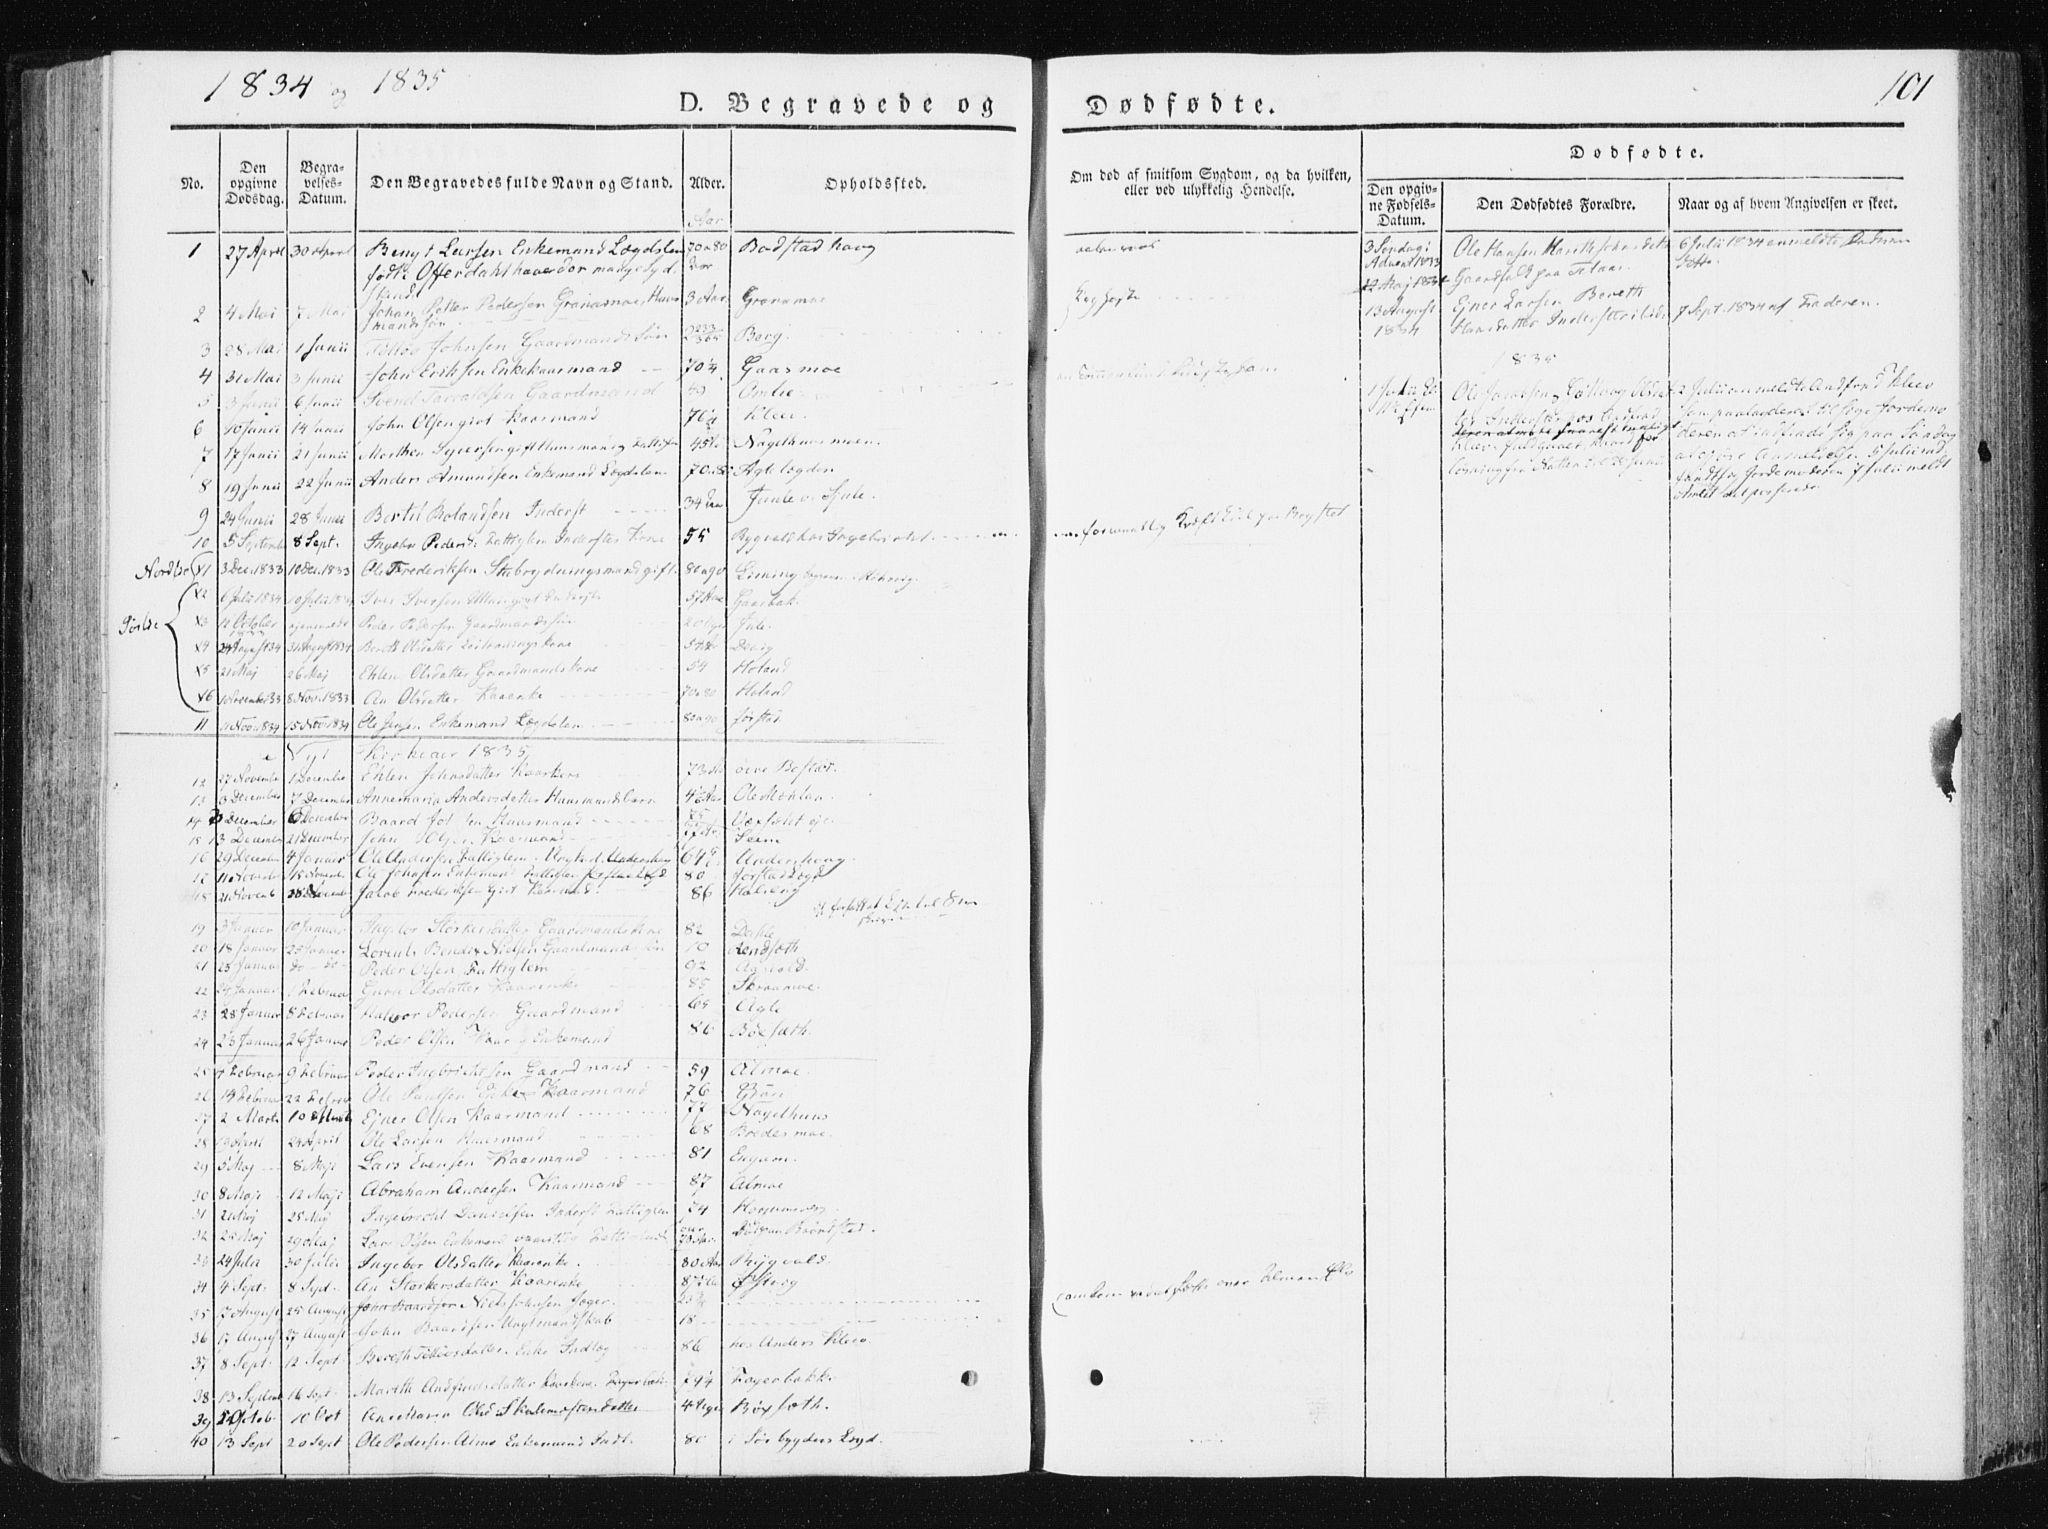 SAT, Ministerialprotokoller, klokkerbøker og fødselsregistre - Nord-Trøndelag, 749/L0470: Ministerialbok nr. 749A04, 1834-1853, s. 101